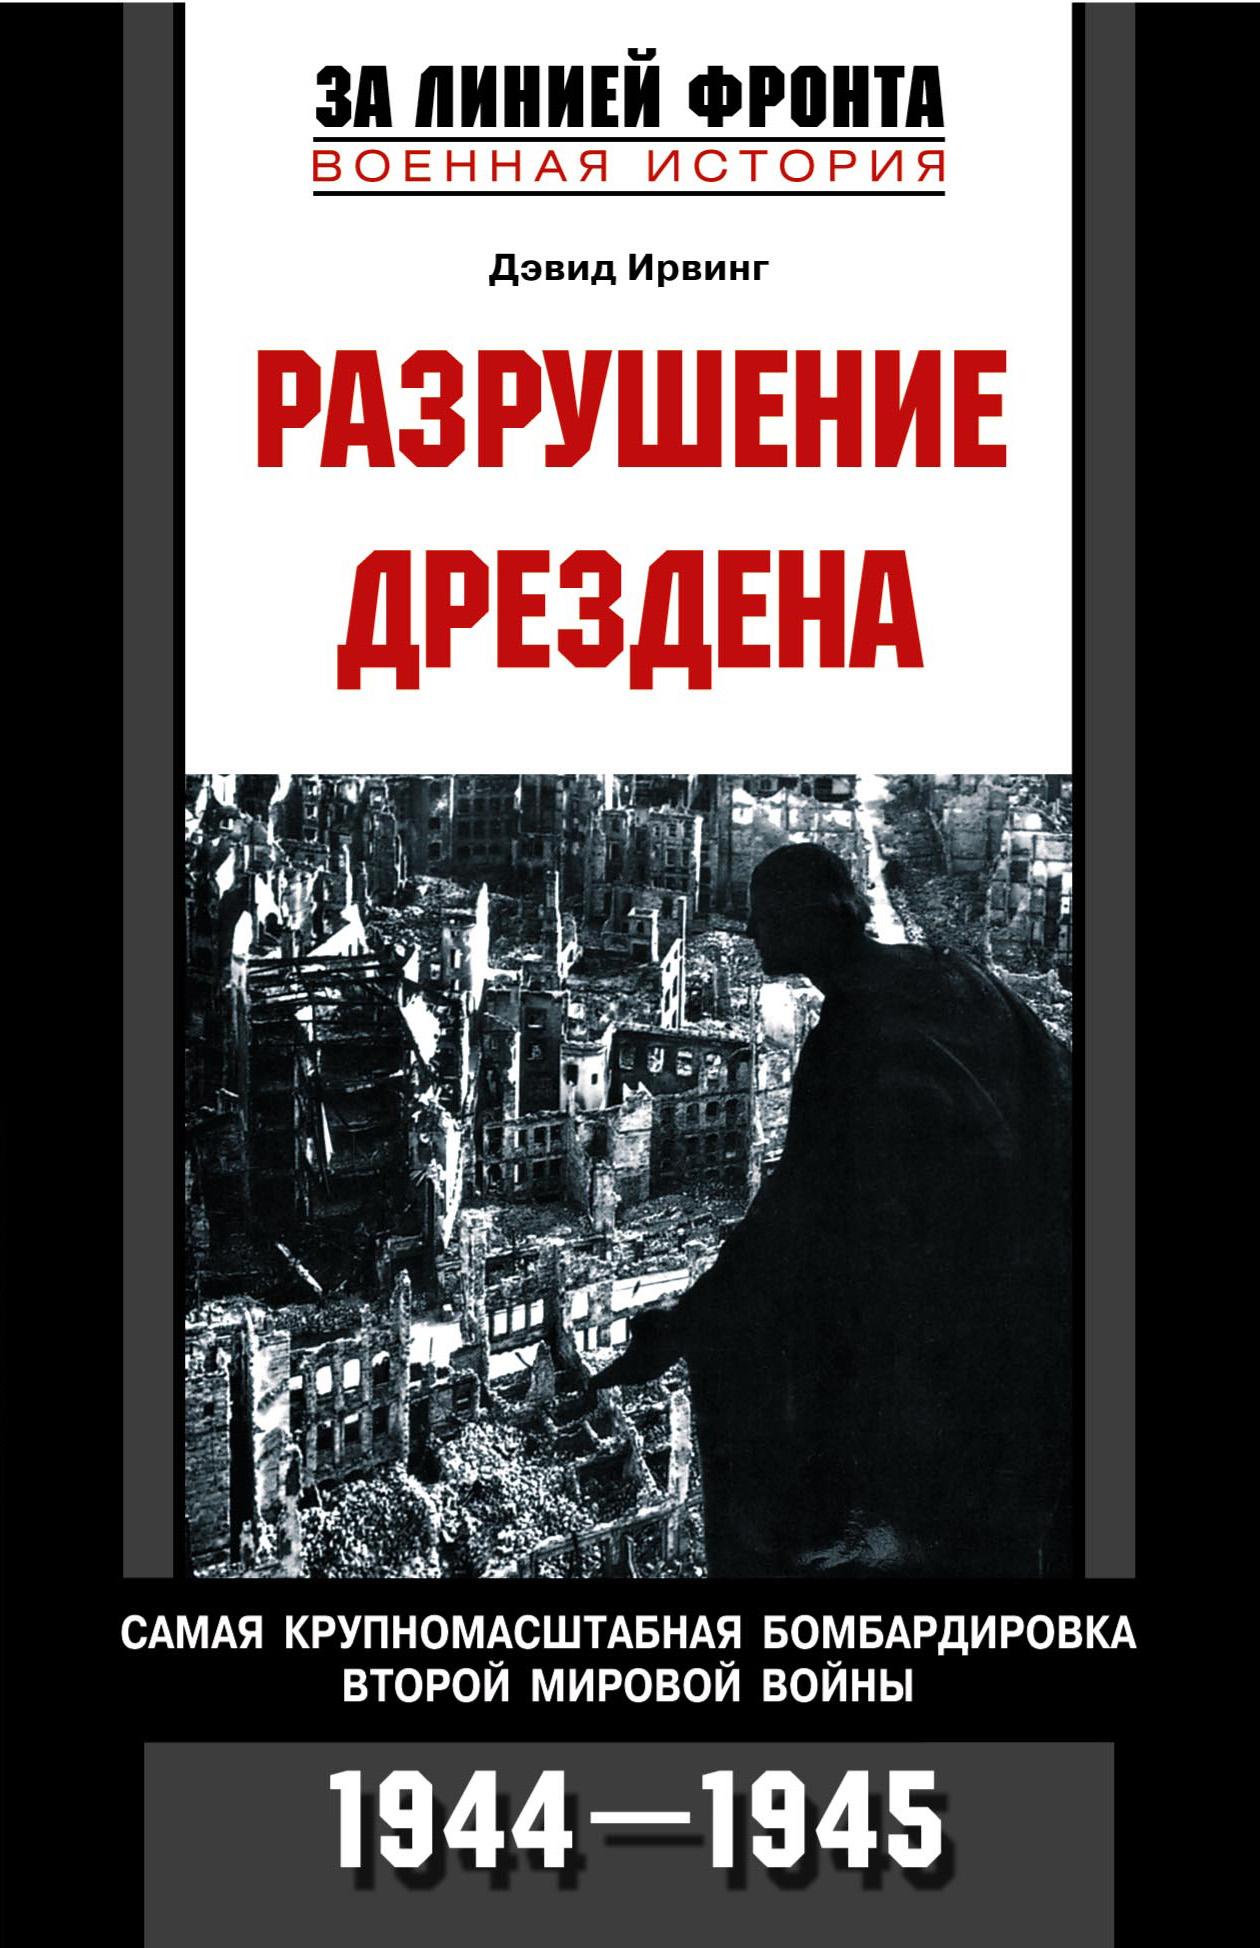 Разрушение Дрездена. Самая крупномасштабная бомбардировка Второй мировой войны. 1944-1945